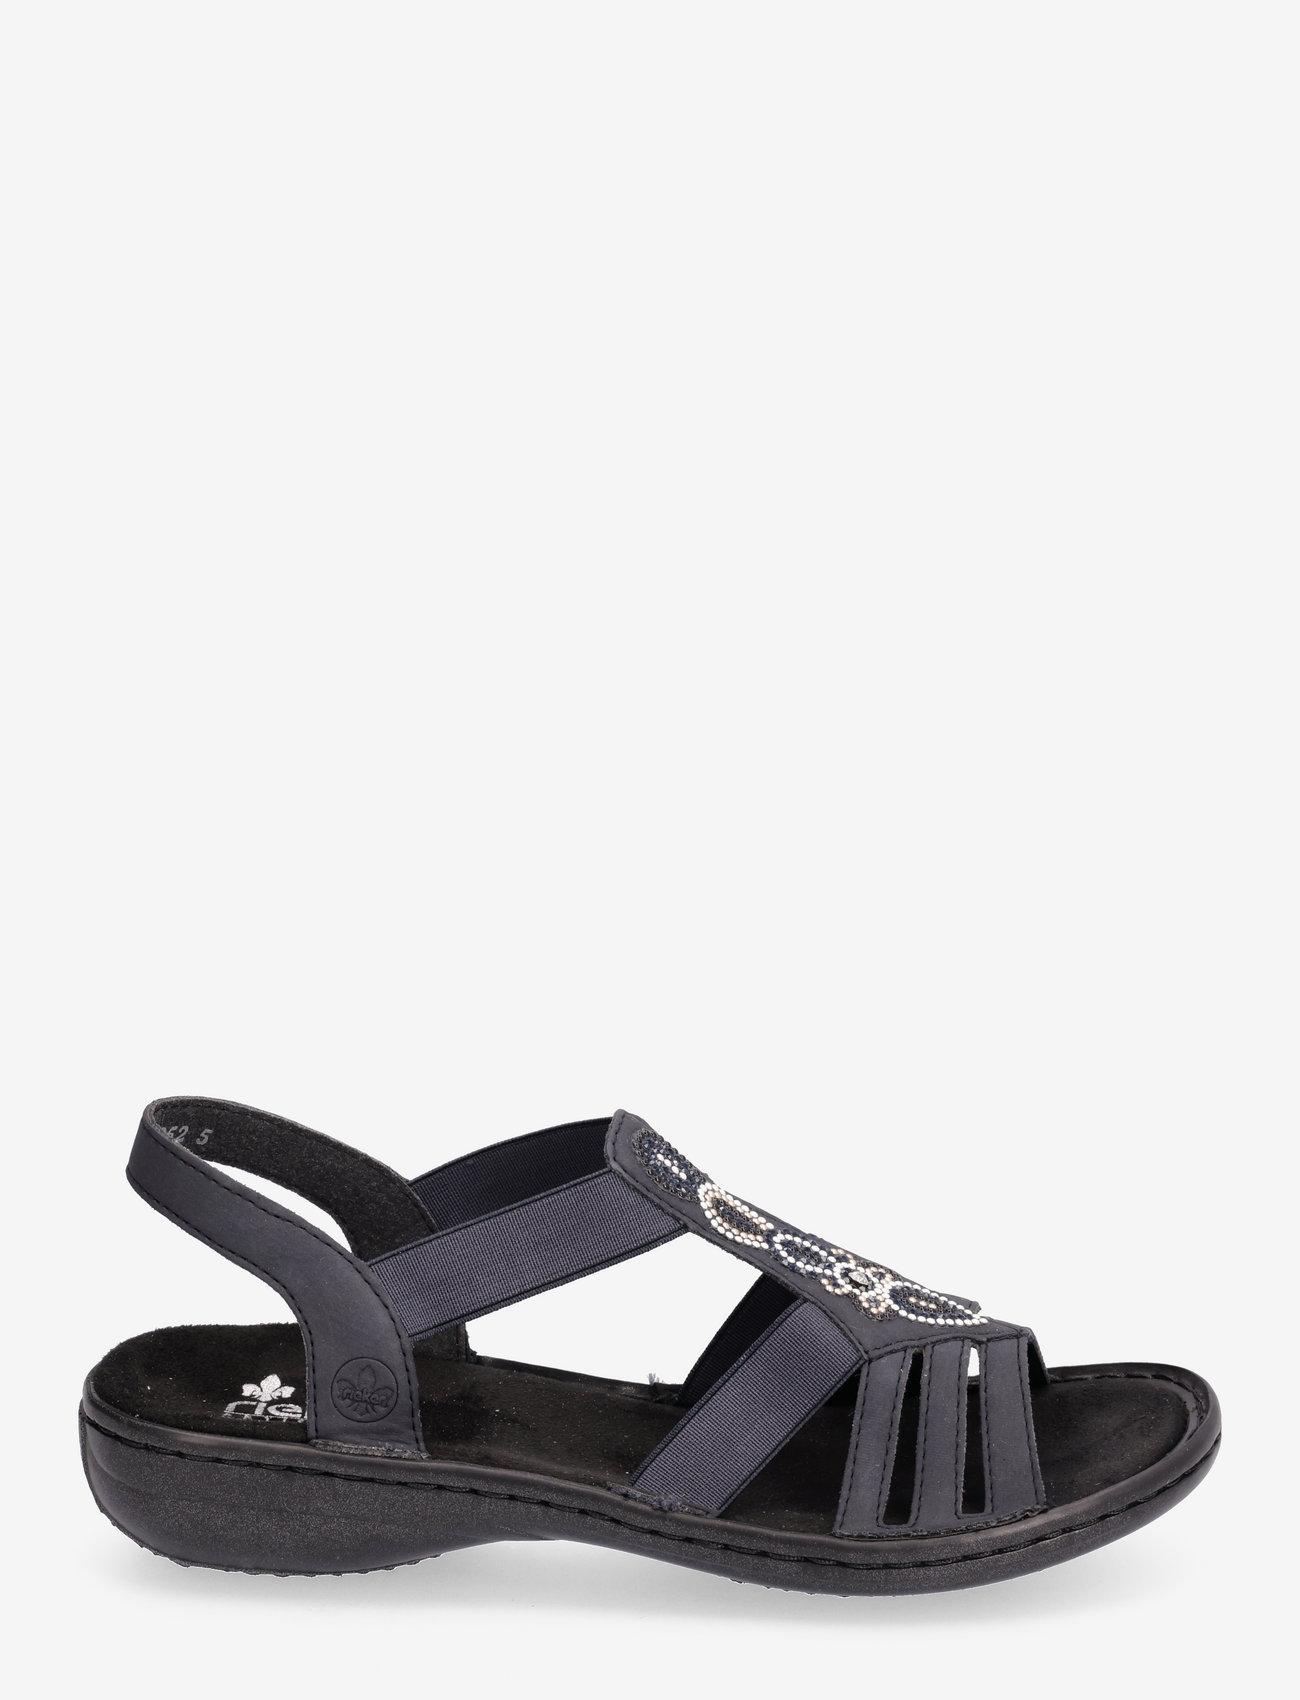 Rieker - 60836-14 - flat sandals - blue